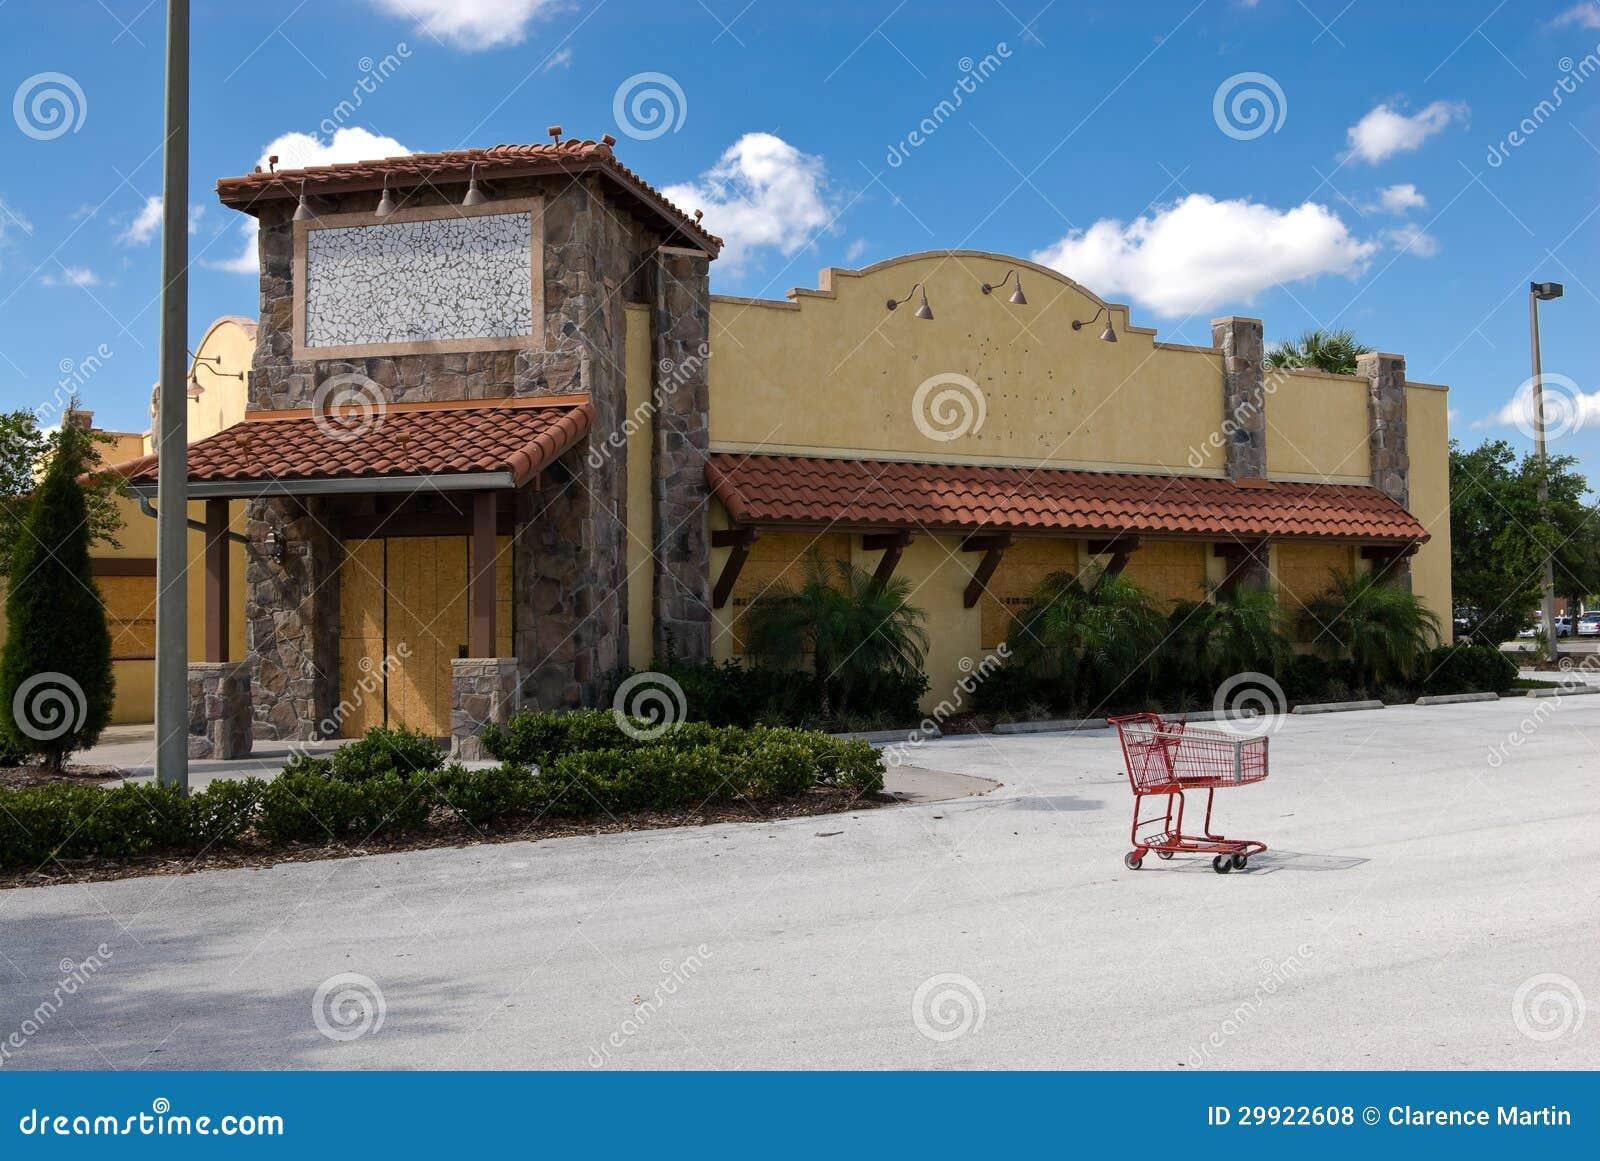 Recession - Restaurant